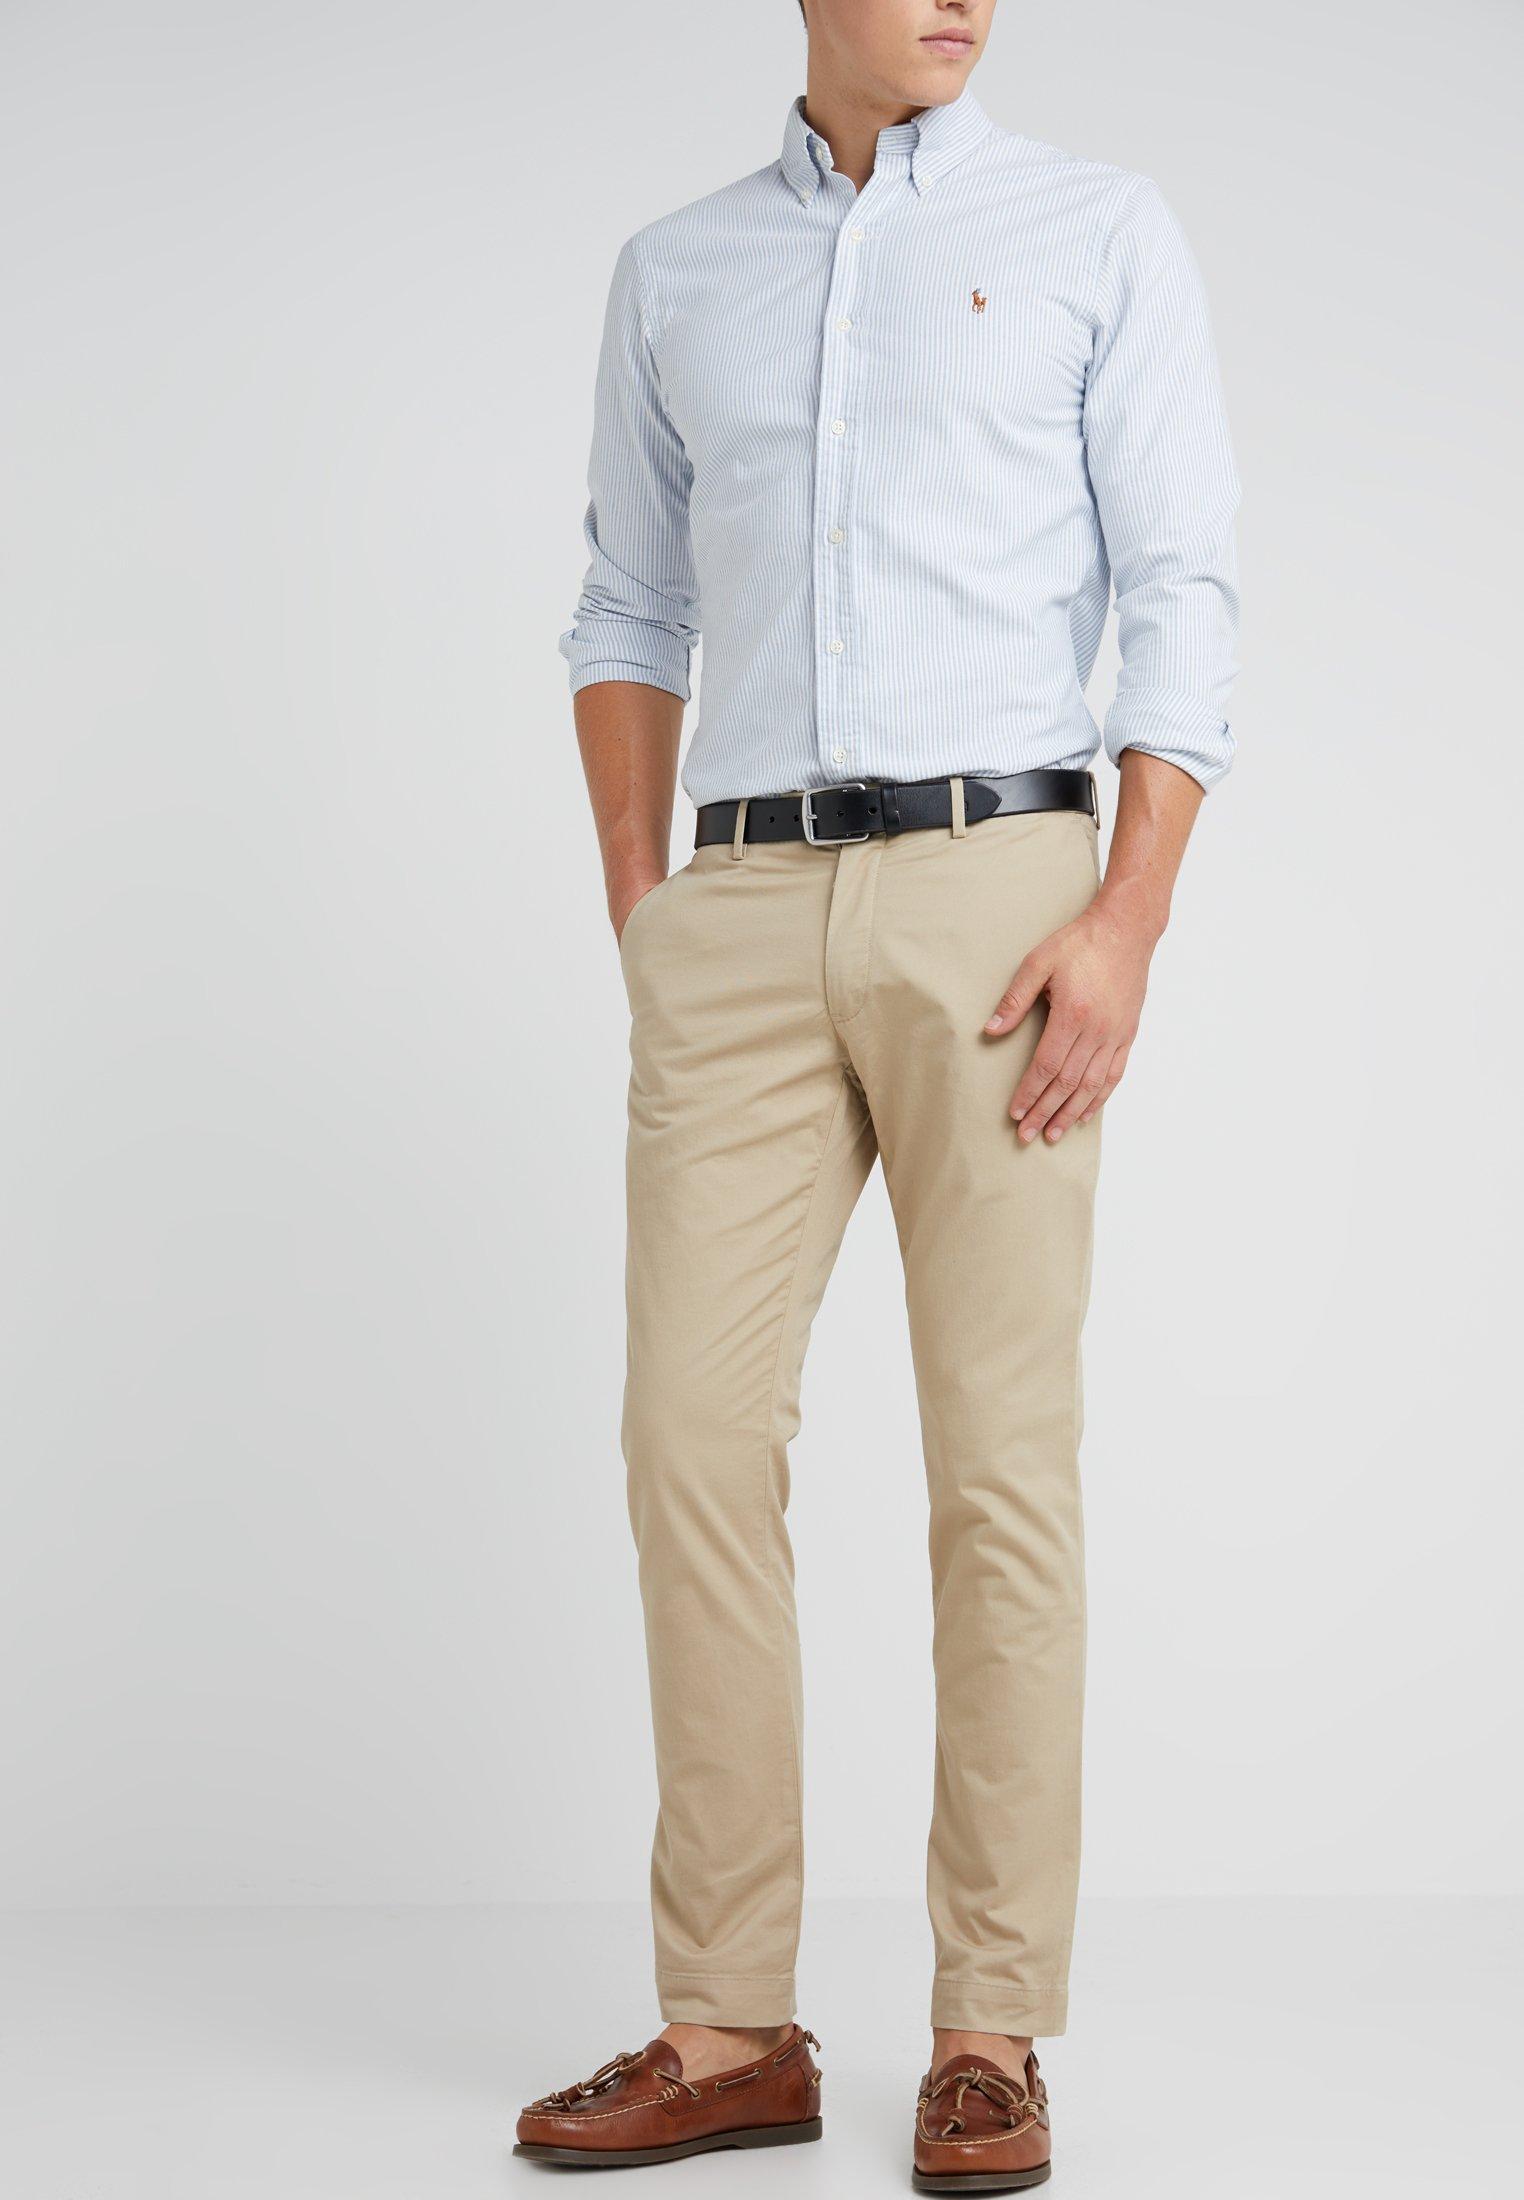 Polo Ralph Lauren Flat Pant Broek Classic Khaki Kaki Zalando Nl